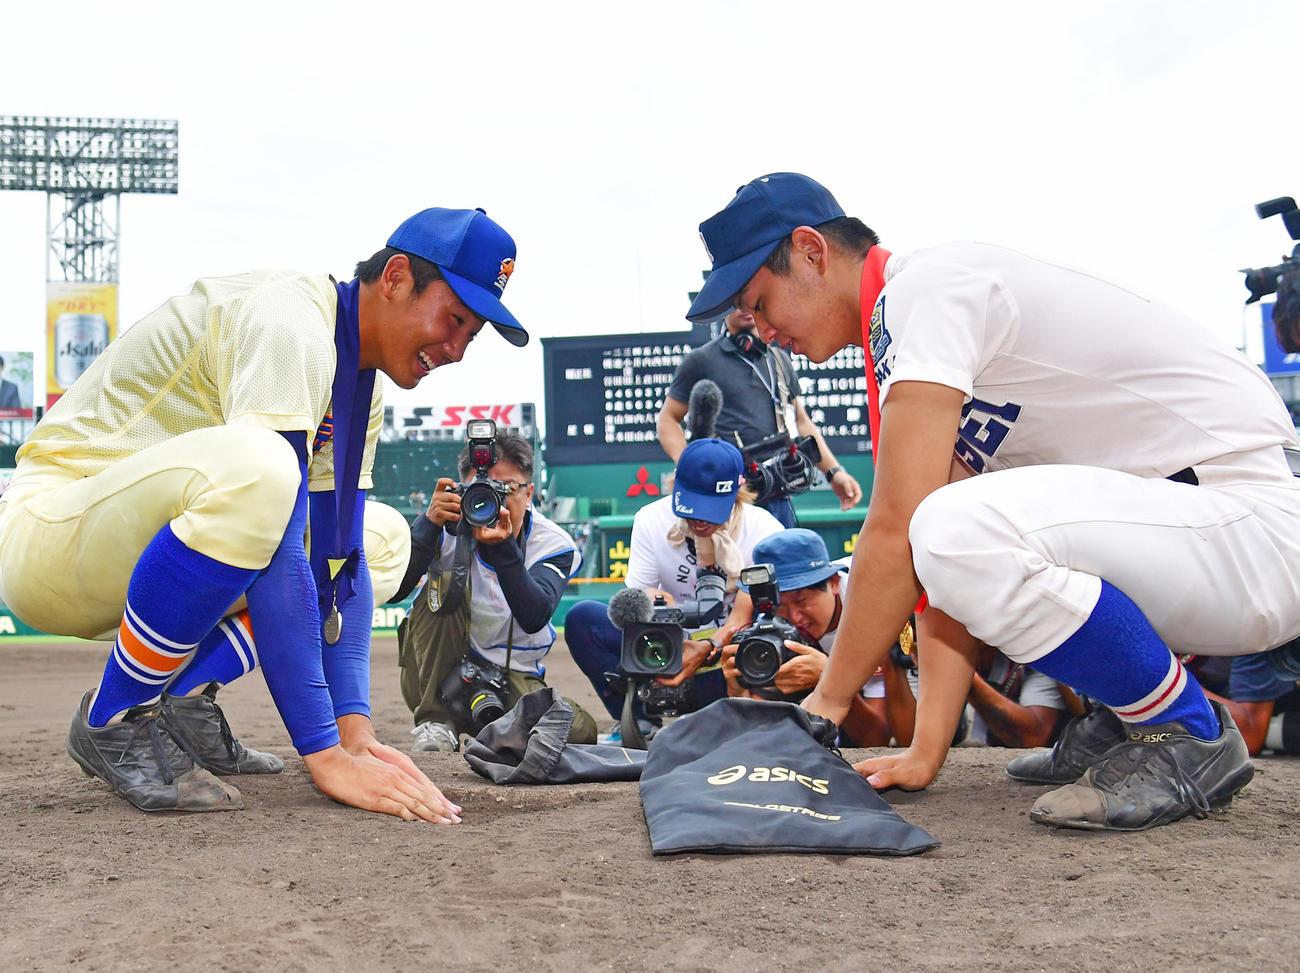 昨年の夏の甲子園で、閉会式を終え最後にマウンドで土を集める星稜・奥川恭伸(左)と履正社・清水大成(2019年8月22日撮影)